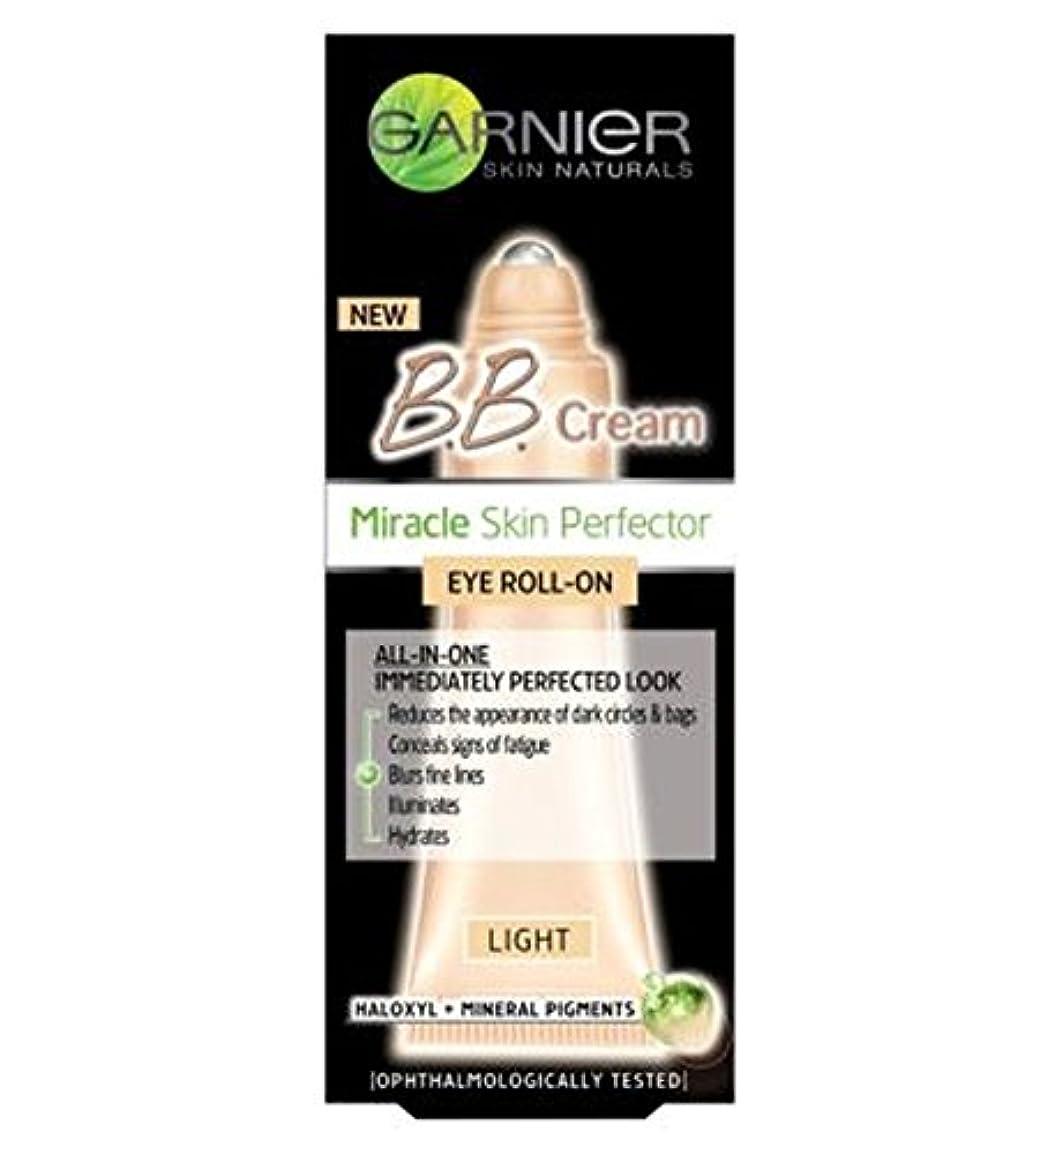 適切に凝縮するこどもセンターガルニエ皮膚ナチュラルBbクリームスキンパーフェクアイロールオン光7ミリリットル (Garnier) (x2) - Garnier Skin Naturals BB Cream Skin Perfector Eye Roll-On...